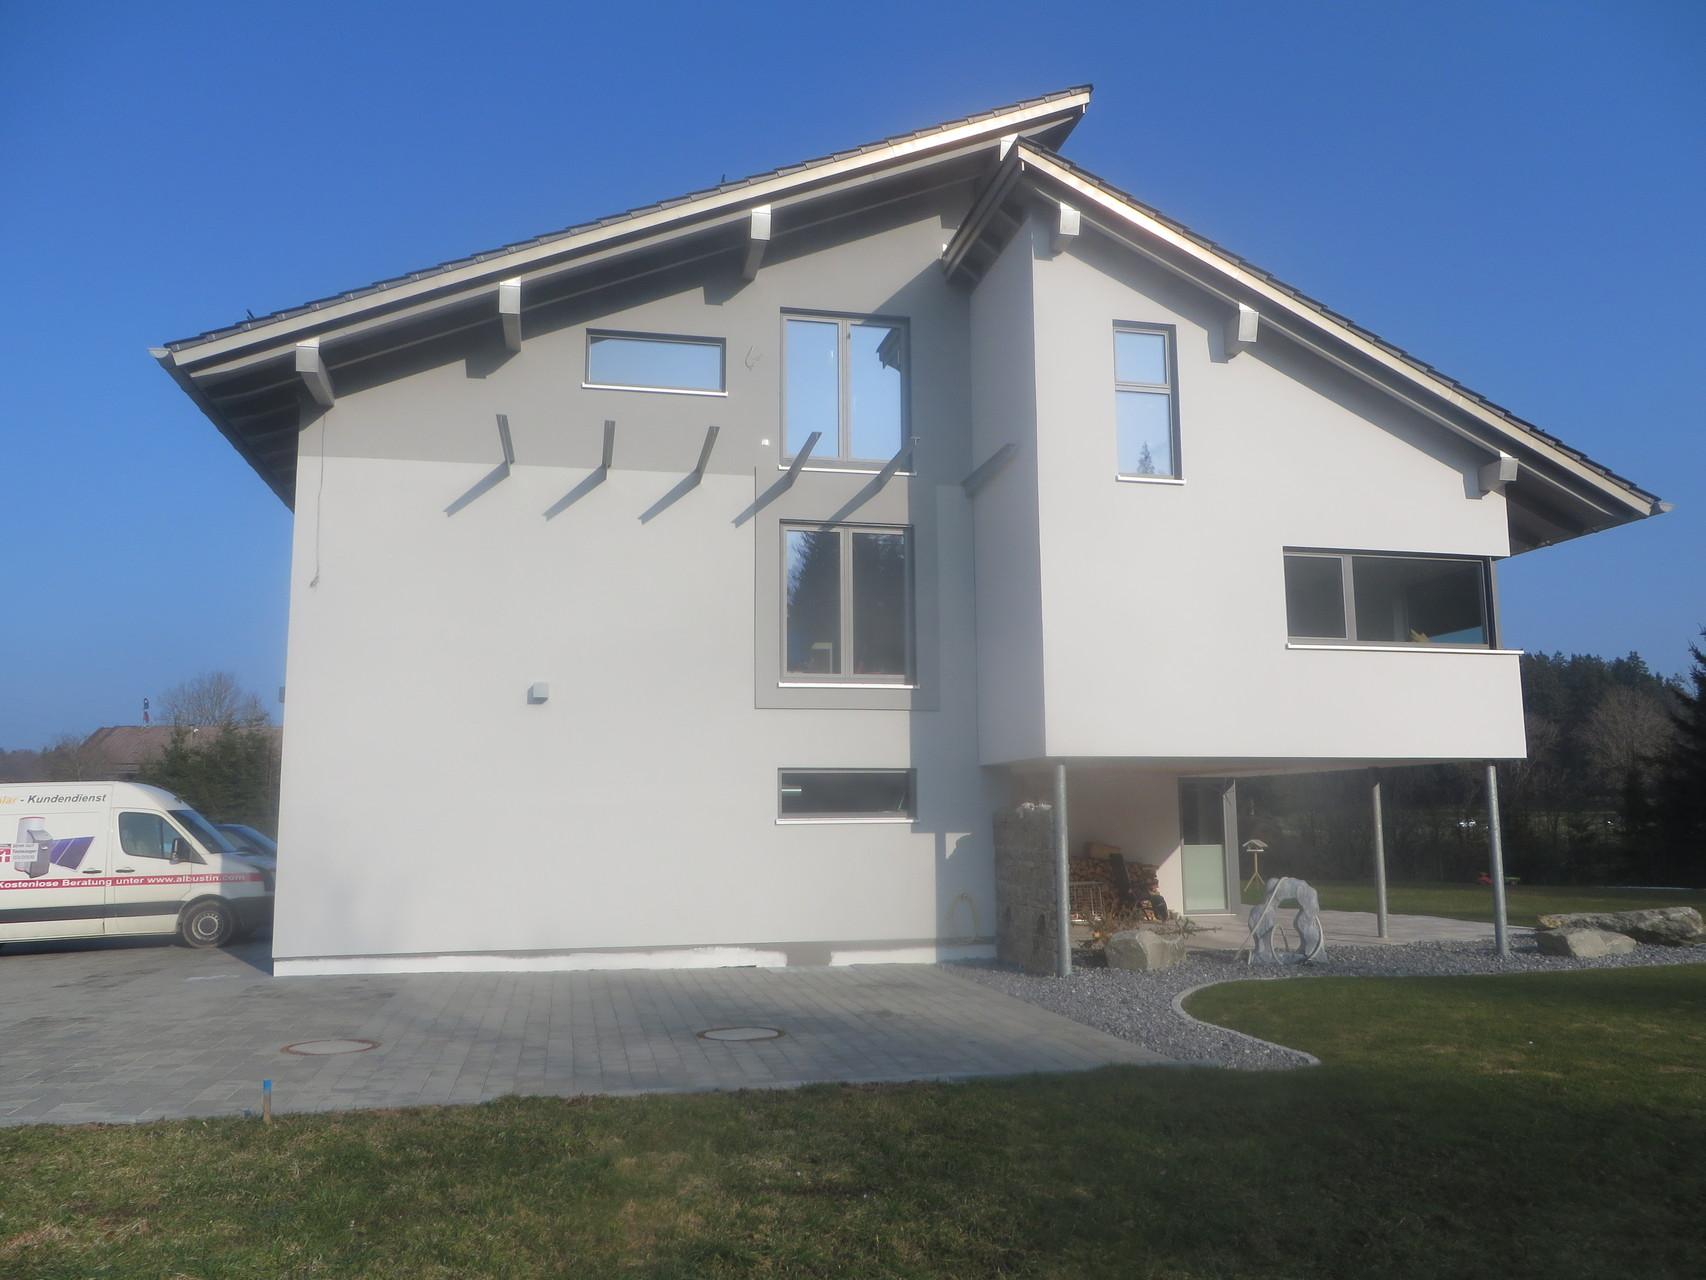 Wohn- und Gewerbebau, Waakirchen-Krottenthal 2012